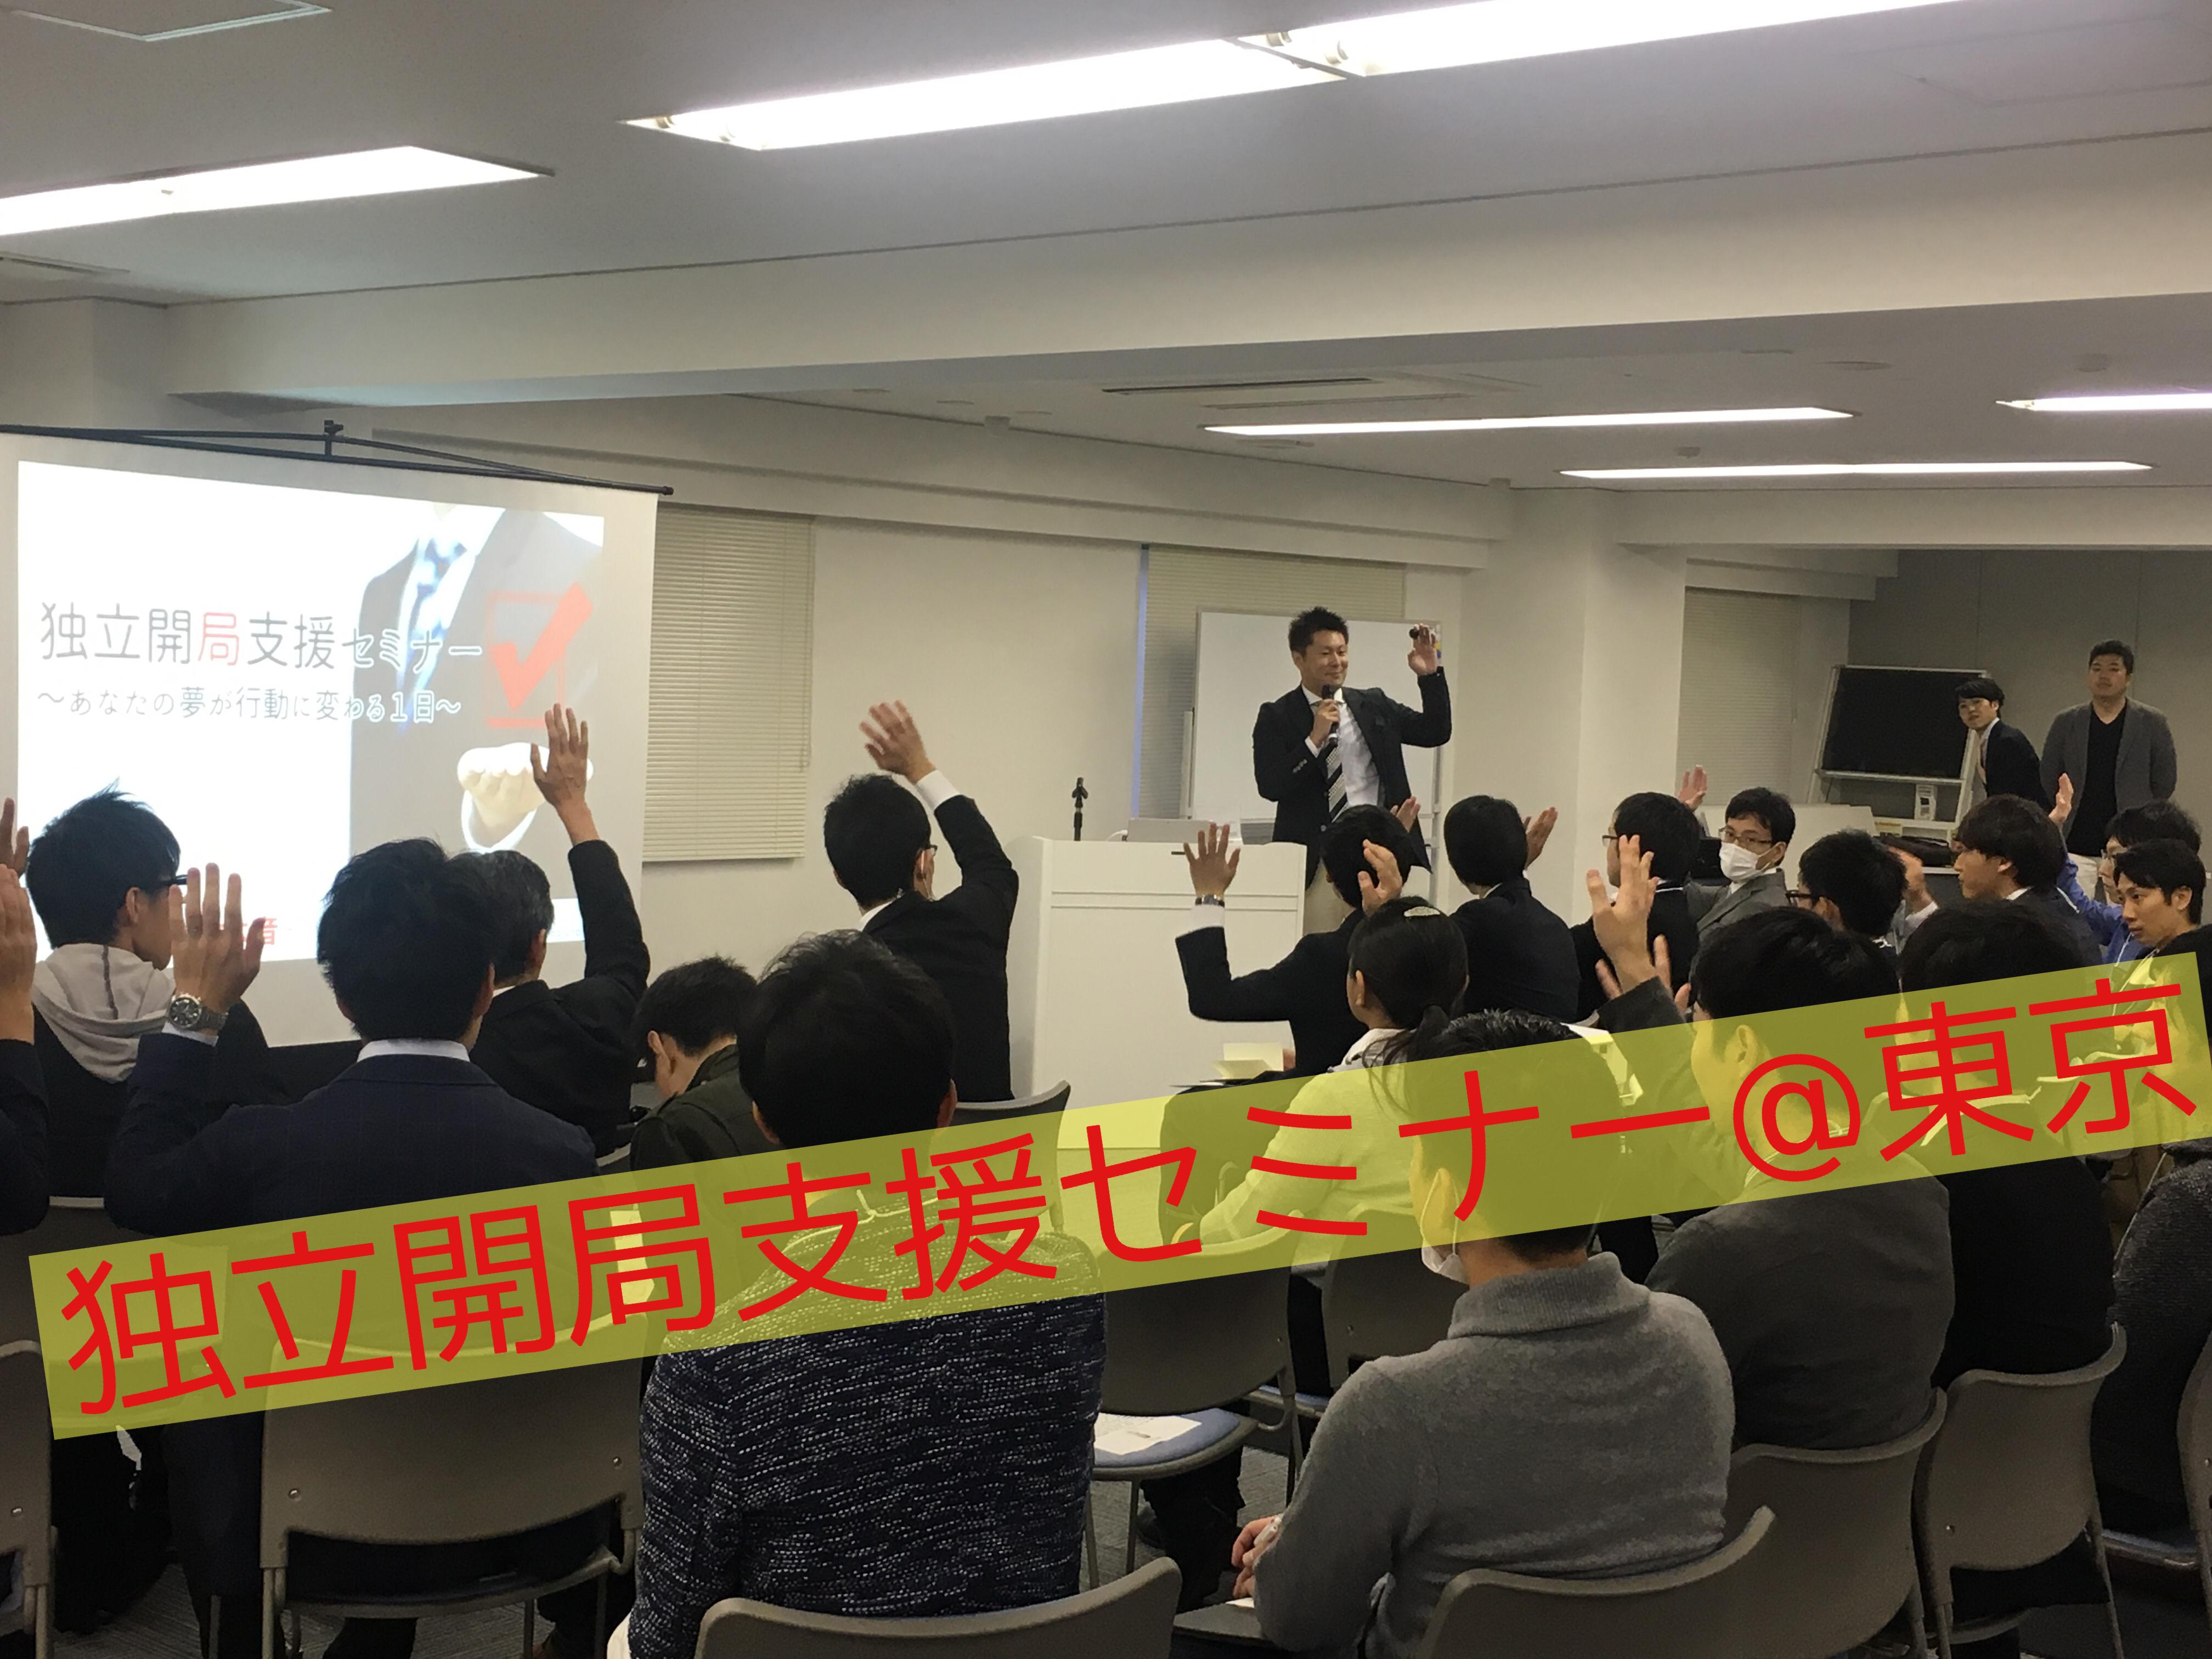 30人の夢や希望が集まった『独立開局支援セミナー@東京』開催しました